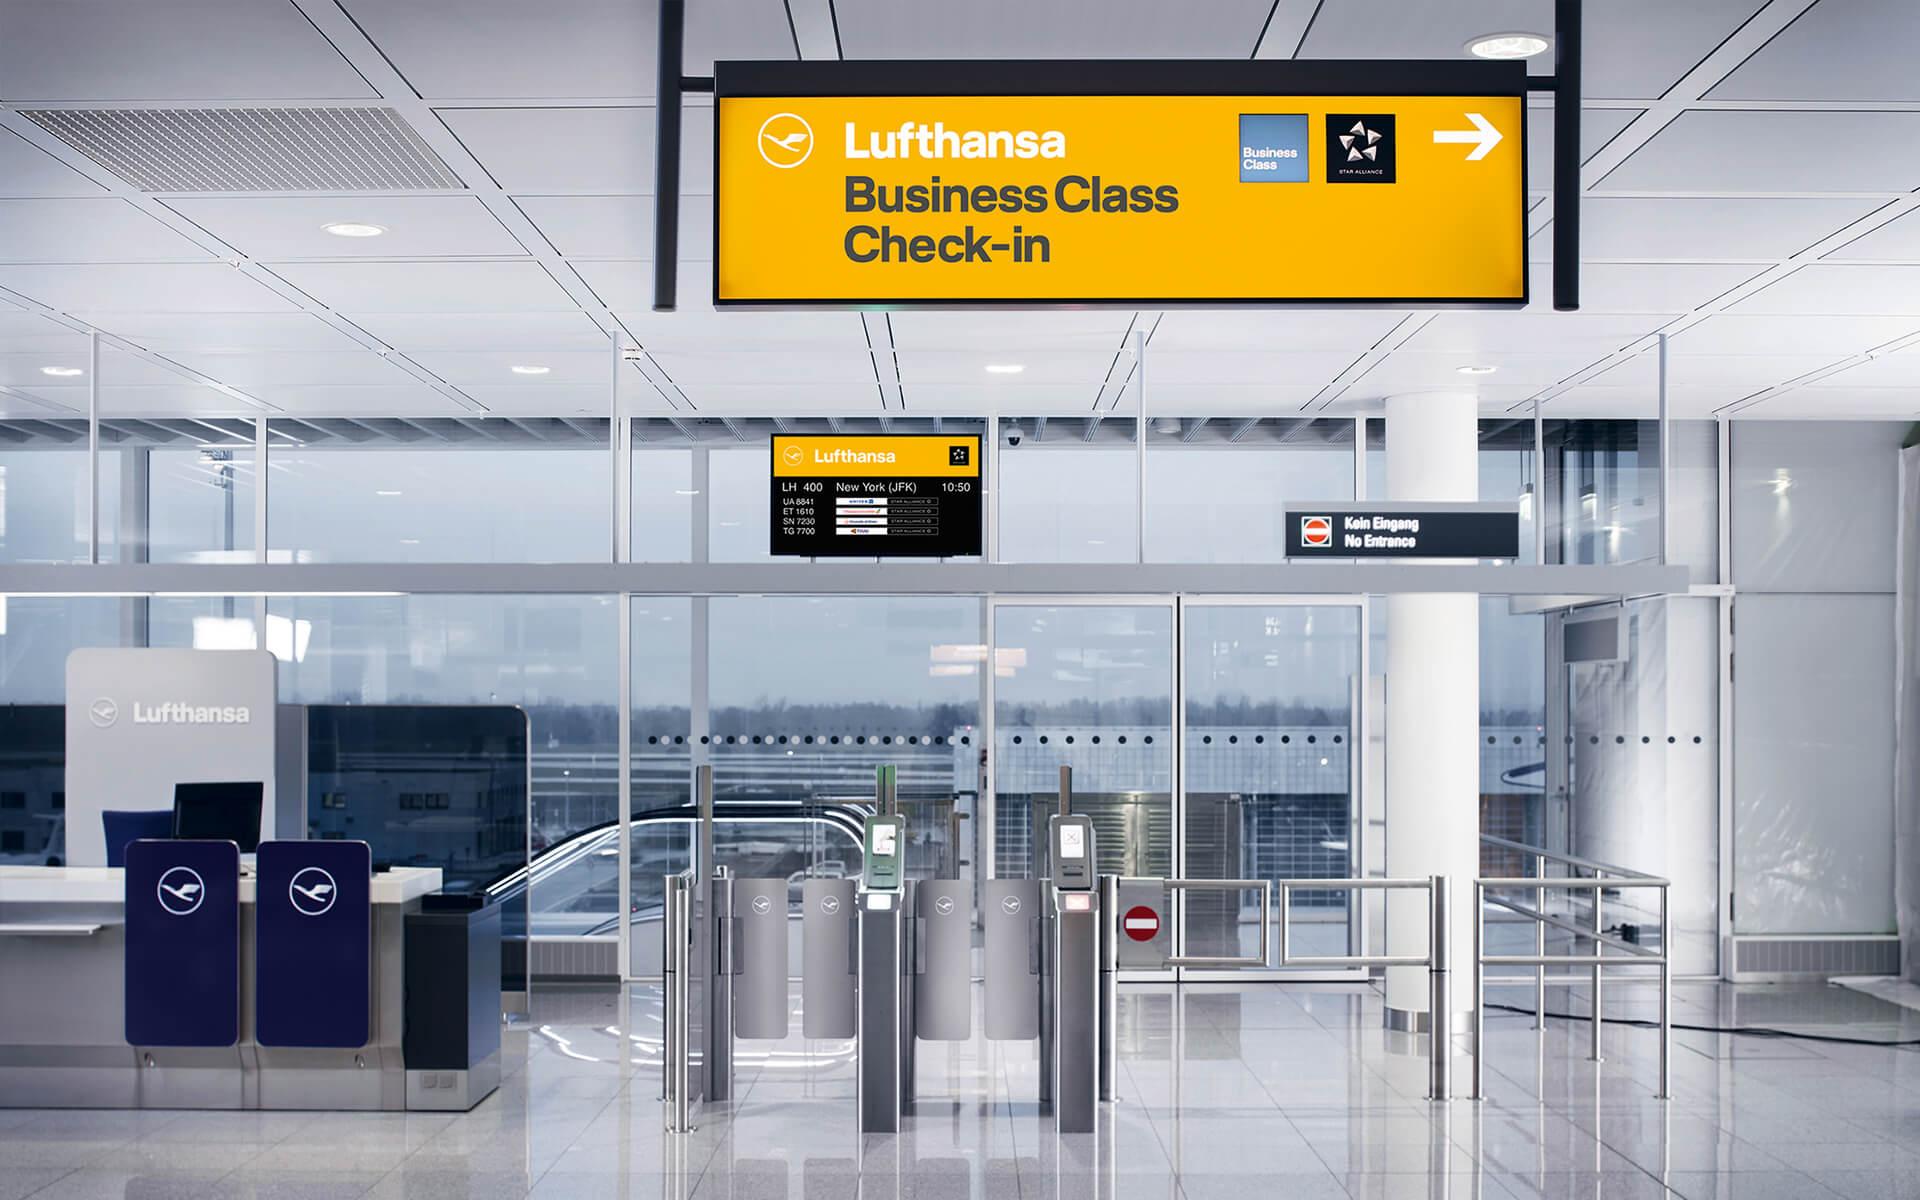 Lufthansa Corporate Design 2018, Redesign, Interior, Signage